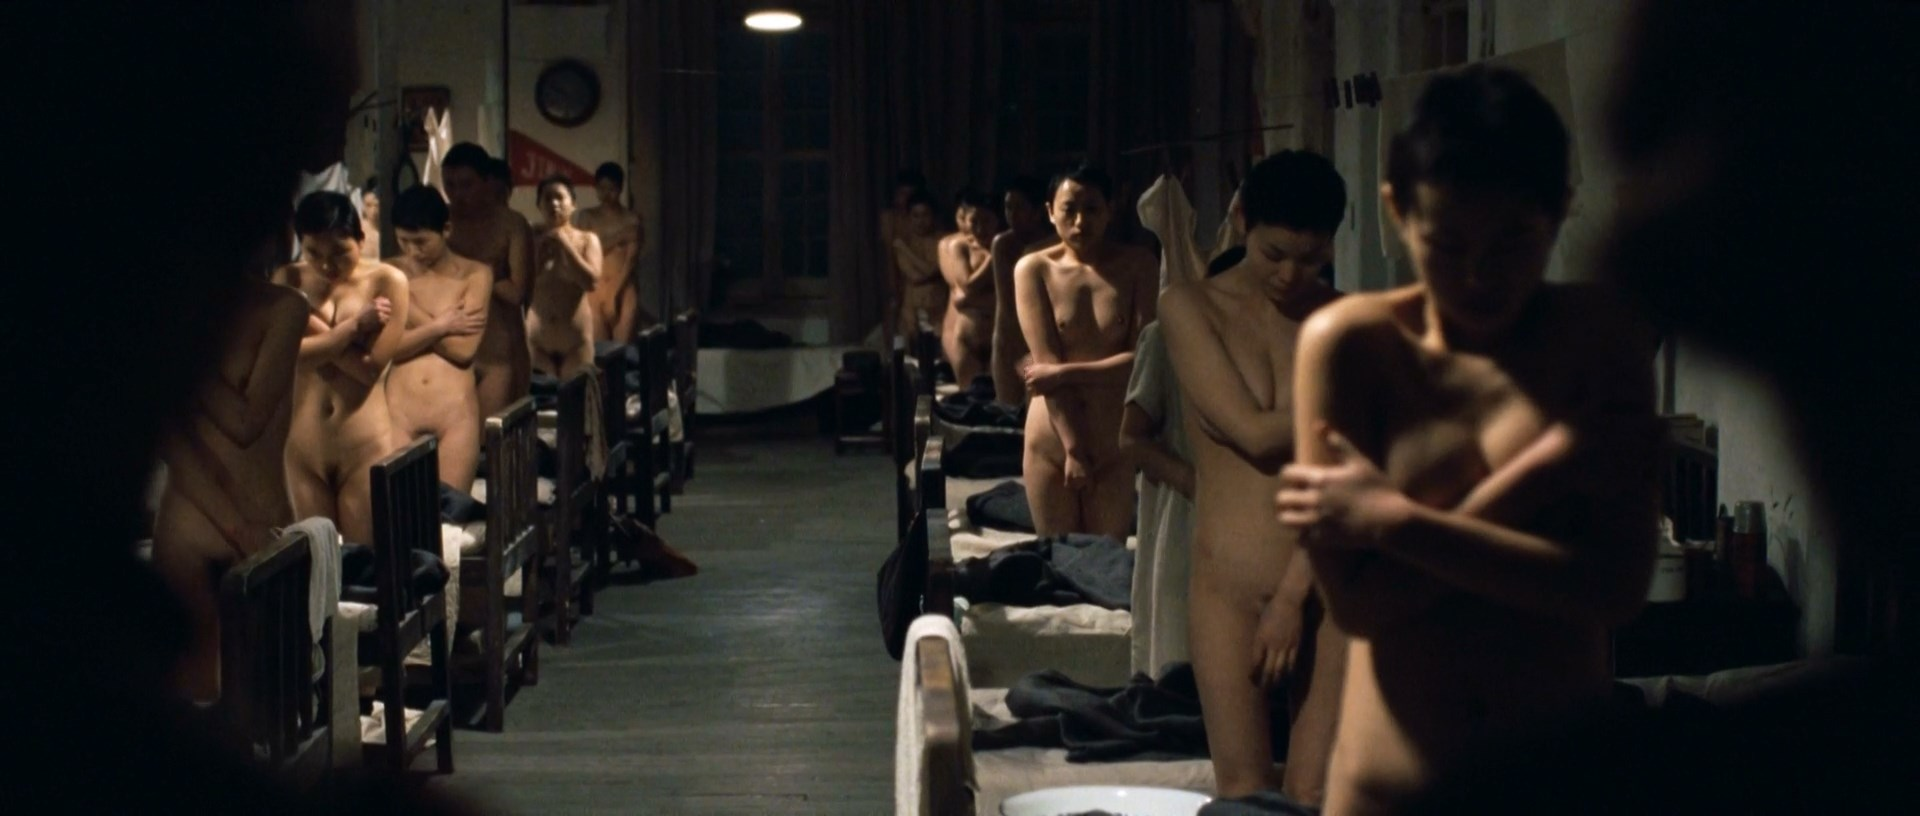 нарезка эротики в художественных фильмах - 2